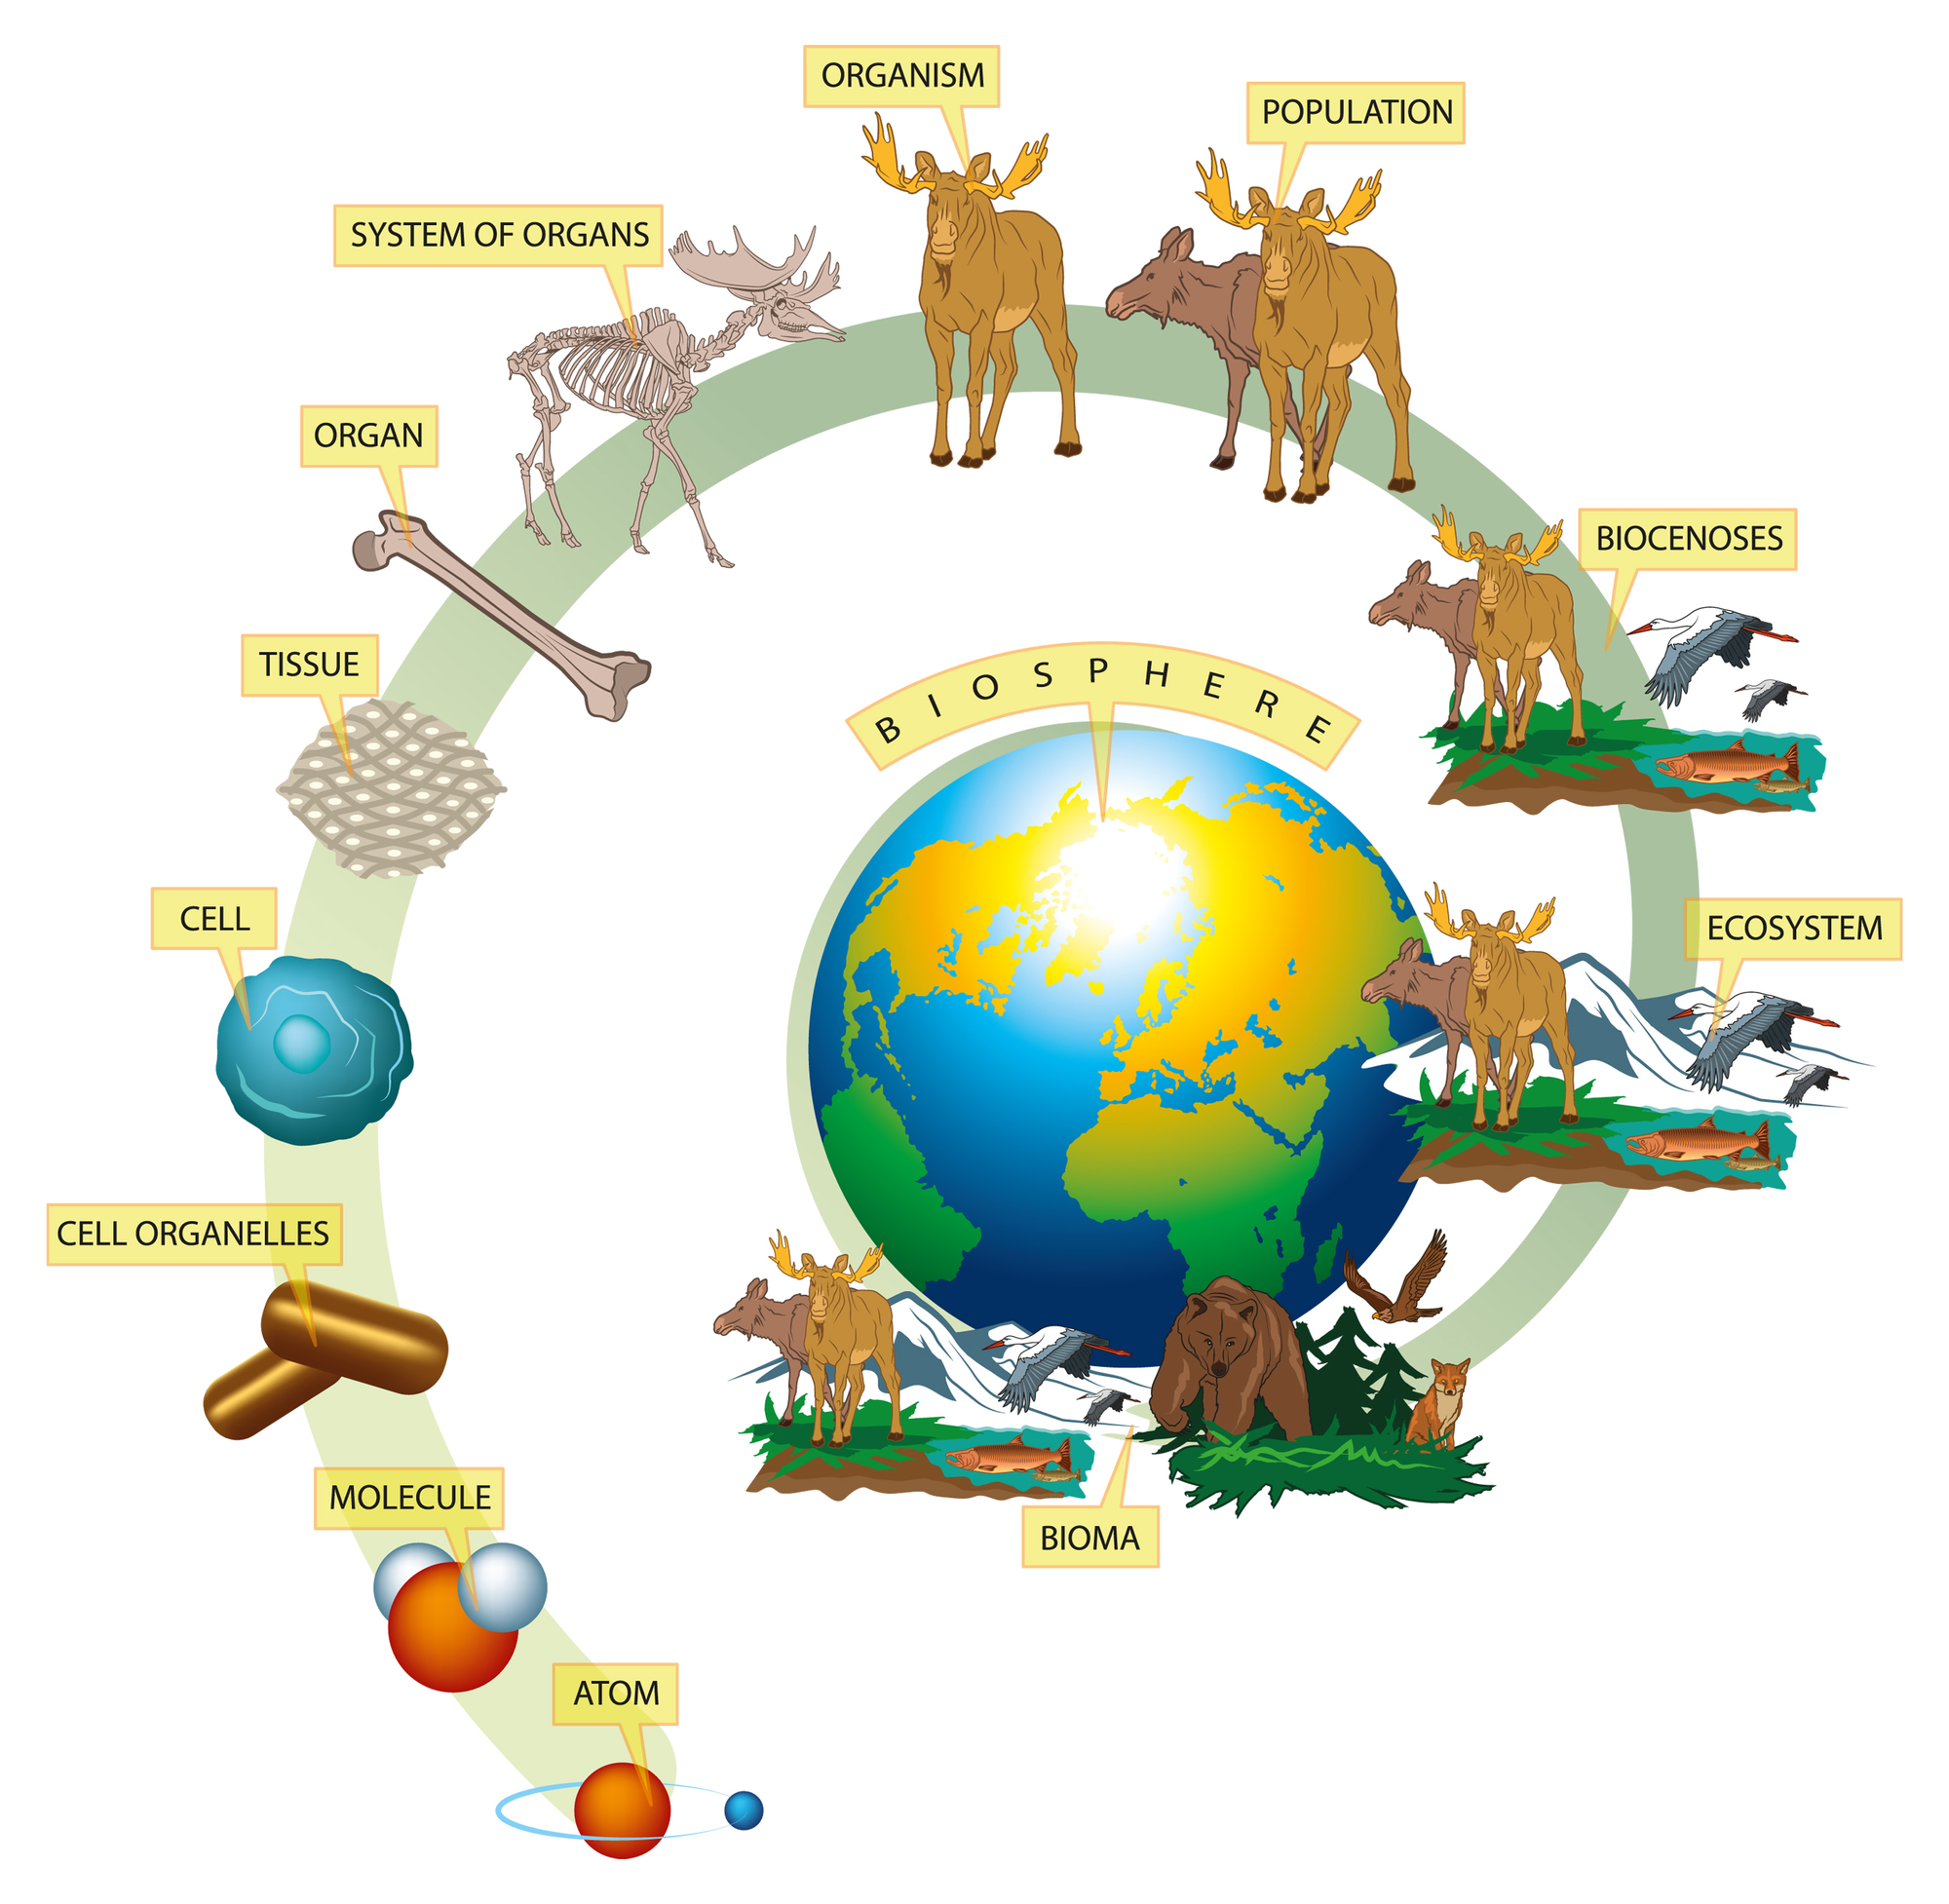 ekosystem.jpg